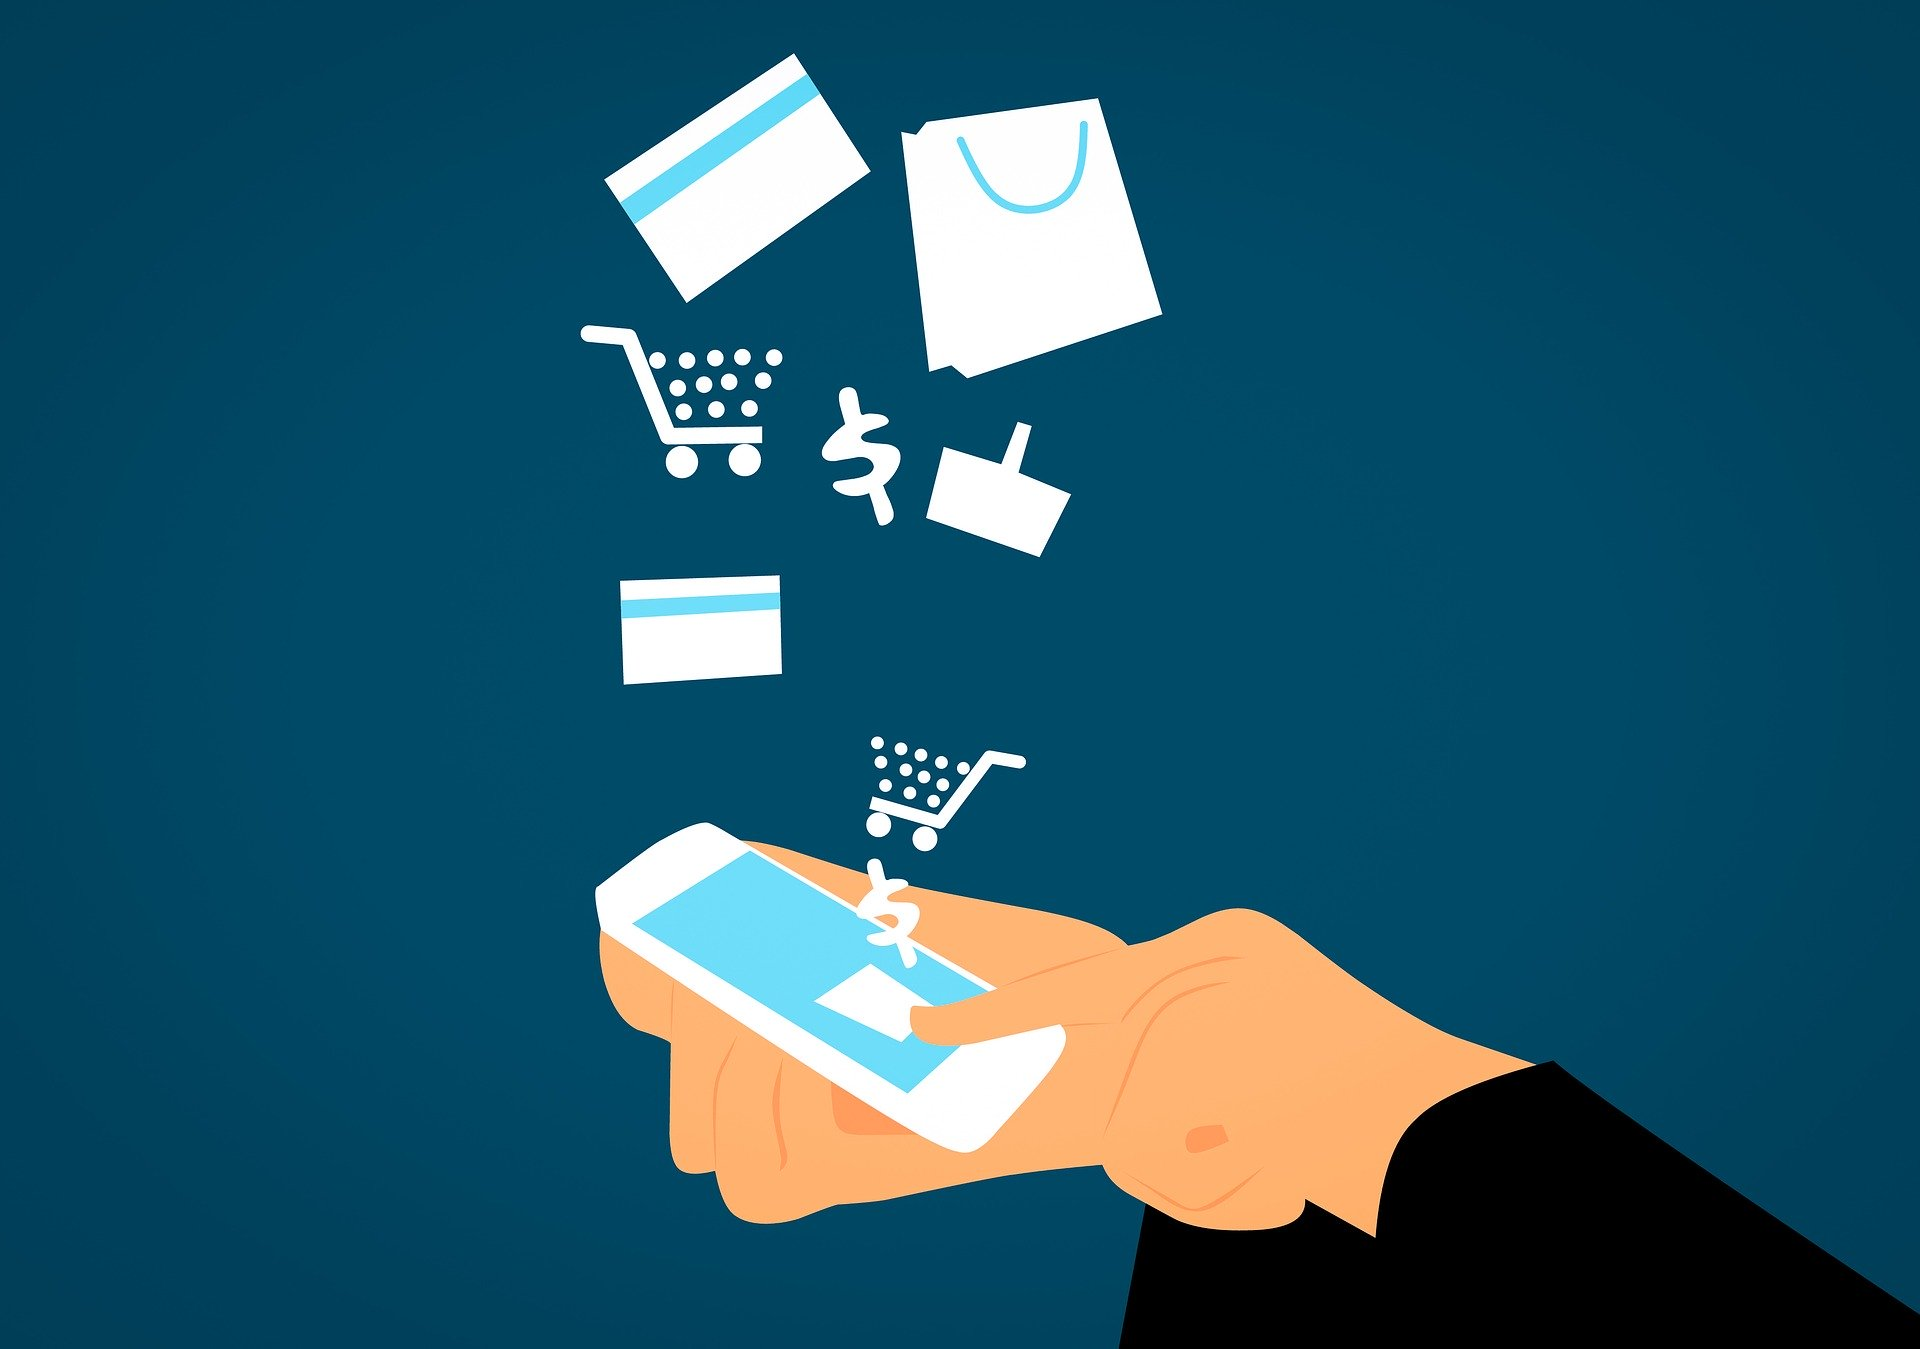 O sistema funciona de maneir automatica de cordo com as compras vinculadas ao seu cpf